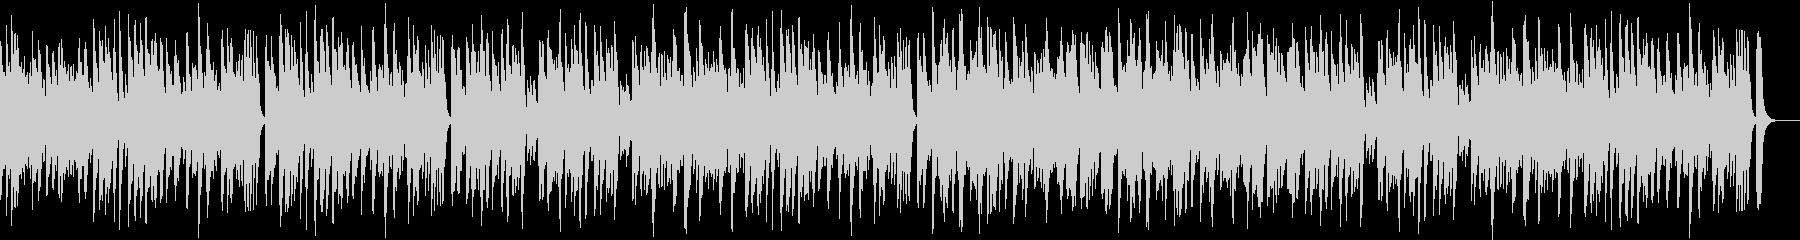 軽快なピアノ・ボサノバの未再生の波形